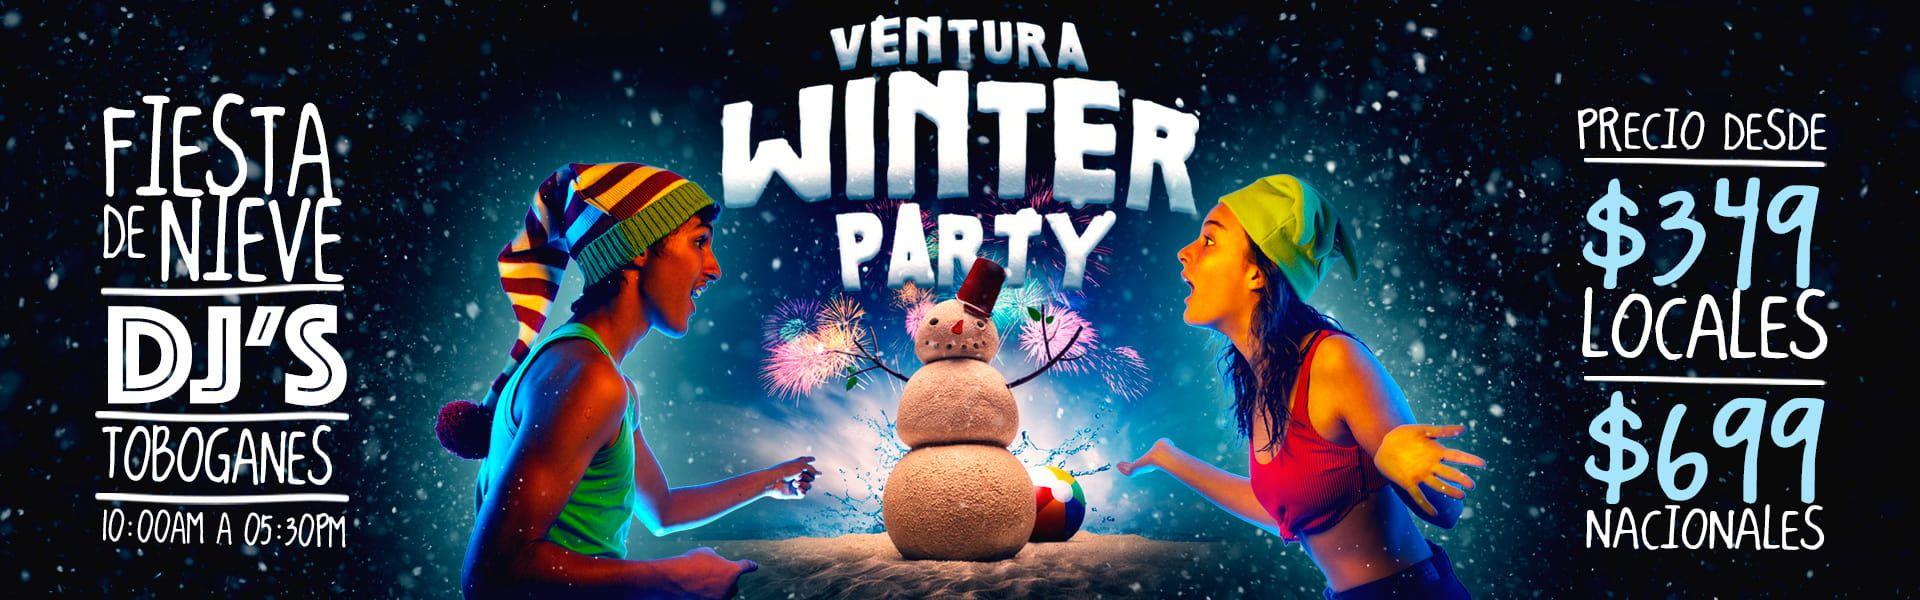 Ventura Winter Party - Fiesta de Nieve en Ventura Park El Mejor Parque Acuático y de Atracciones en Cancún